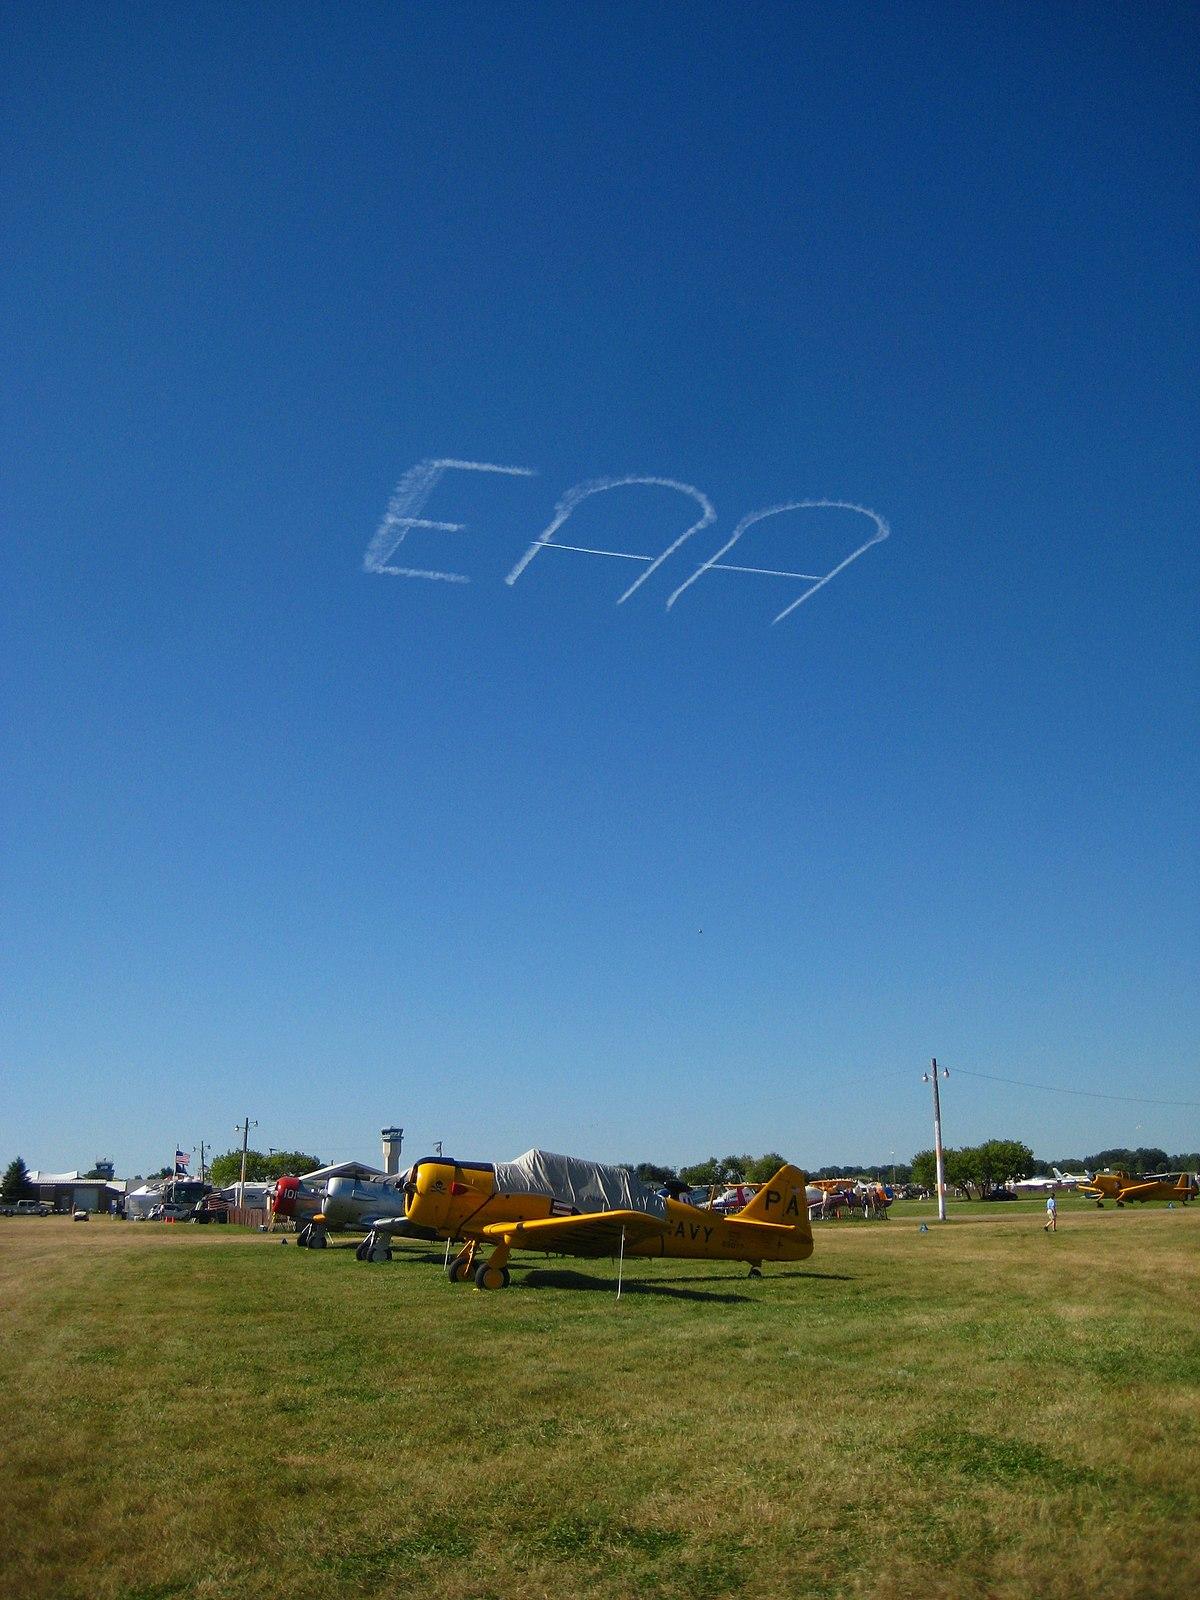 Skywriting Wikipedia